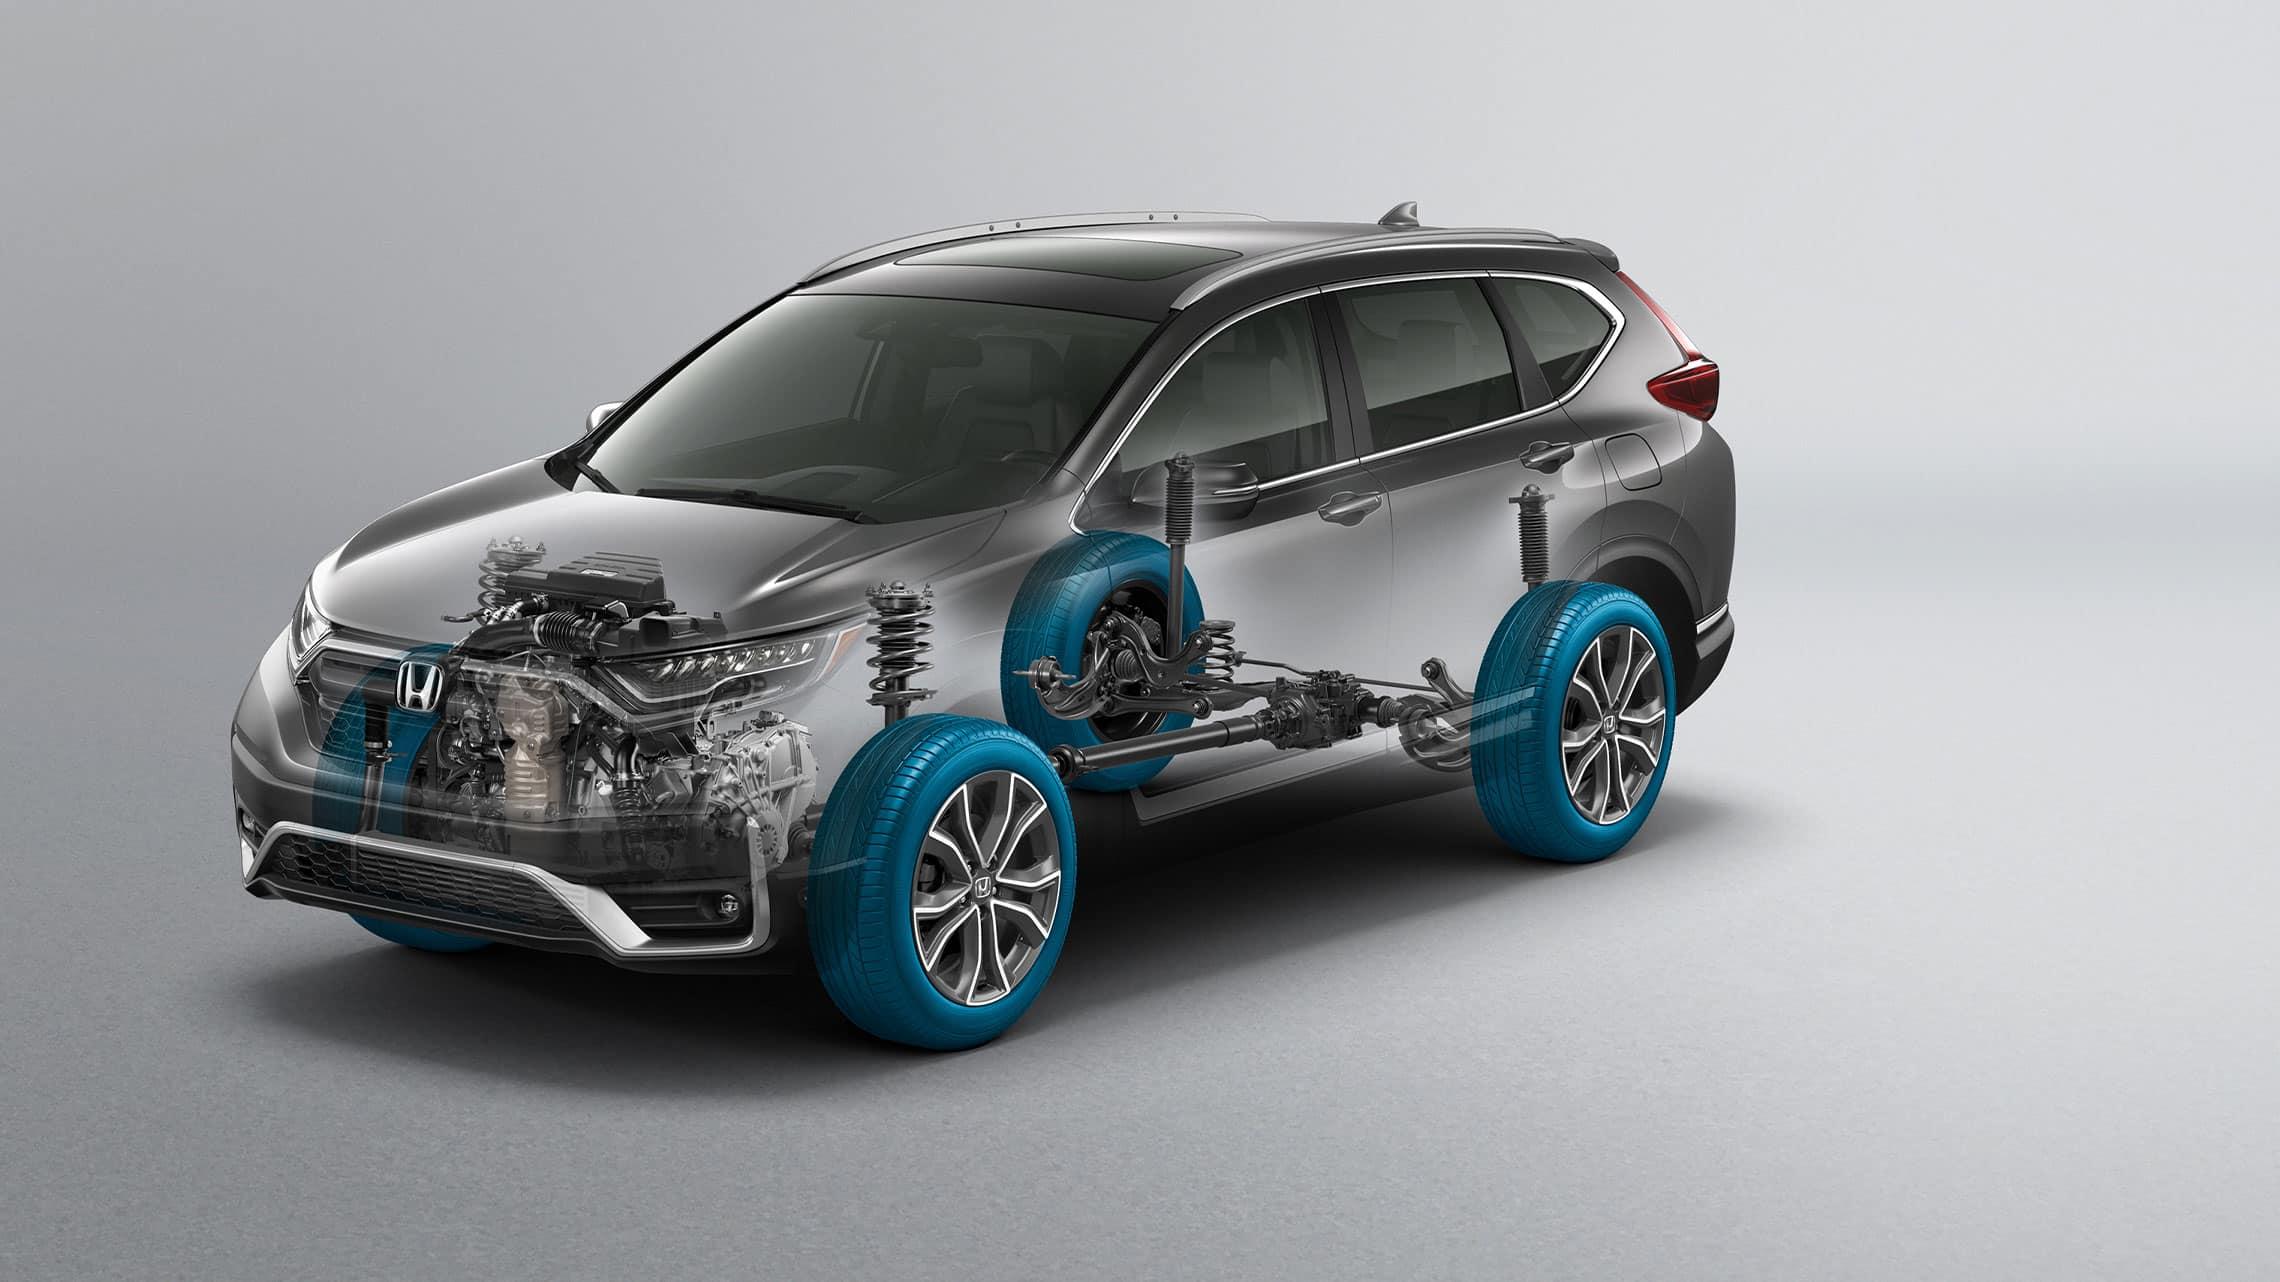 Vista frontal de ¾ desde el lado del conductor de la Honda CR-V2020 con gráfico en superposición de Real Time all-wheel-drive™.